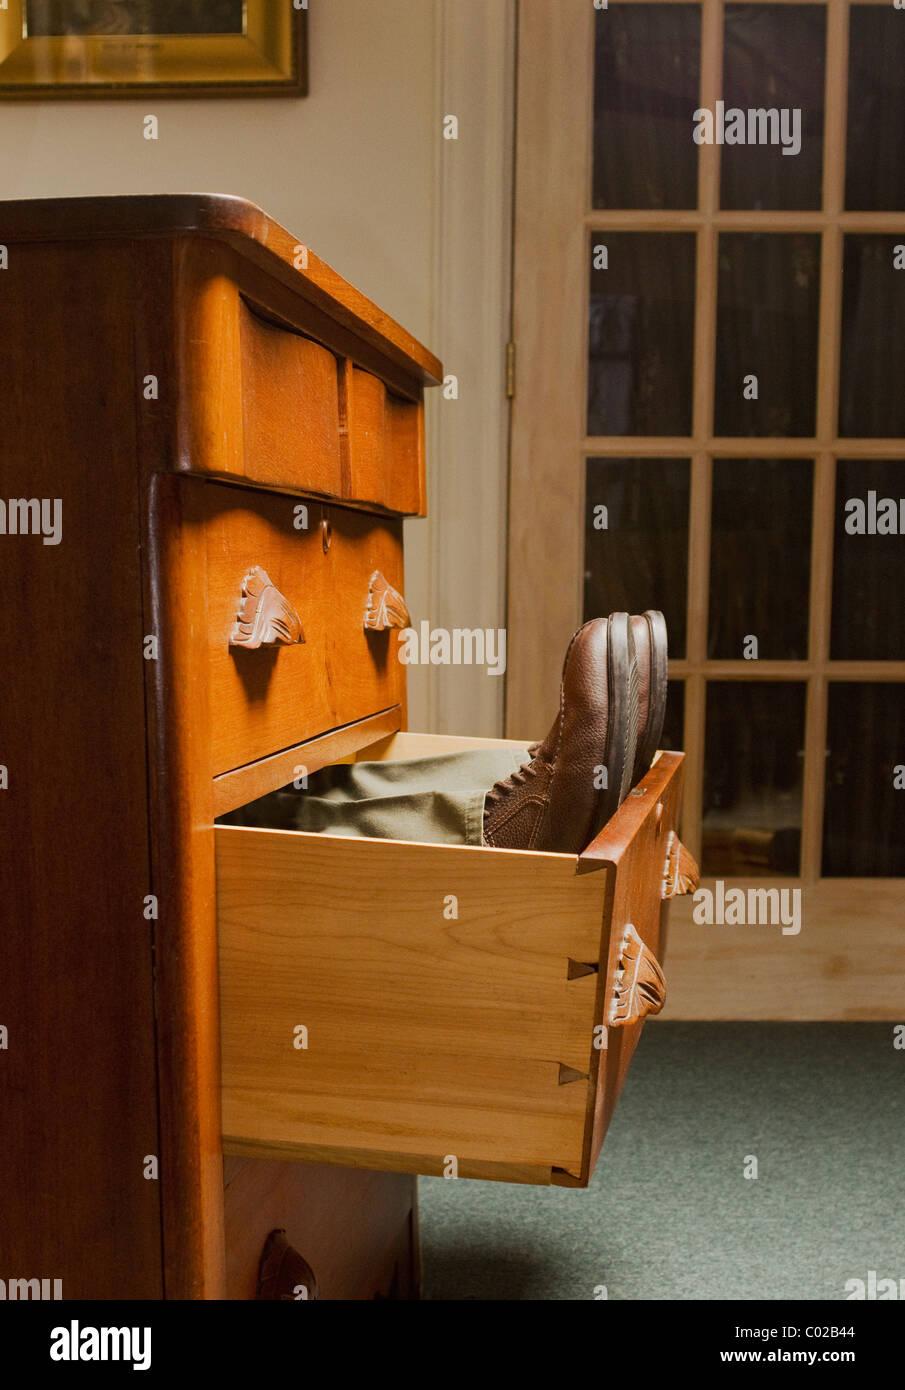 Las piernas del hombre y zapatos acostado en abrir gaveta de ropa Foto de stock